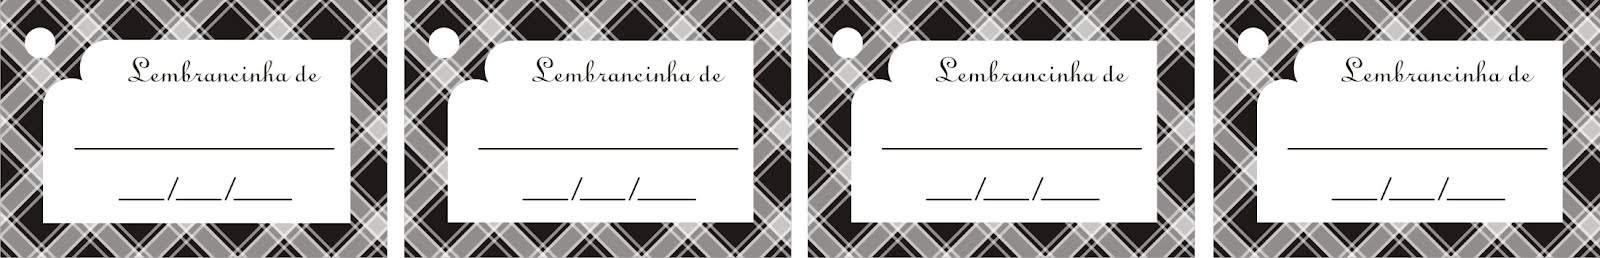 Modelos simples de etiquetas para lembrancinhas de chá de bebê para imprimir